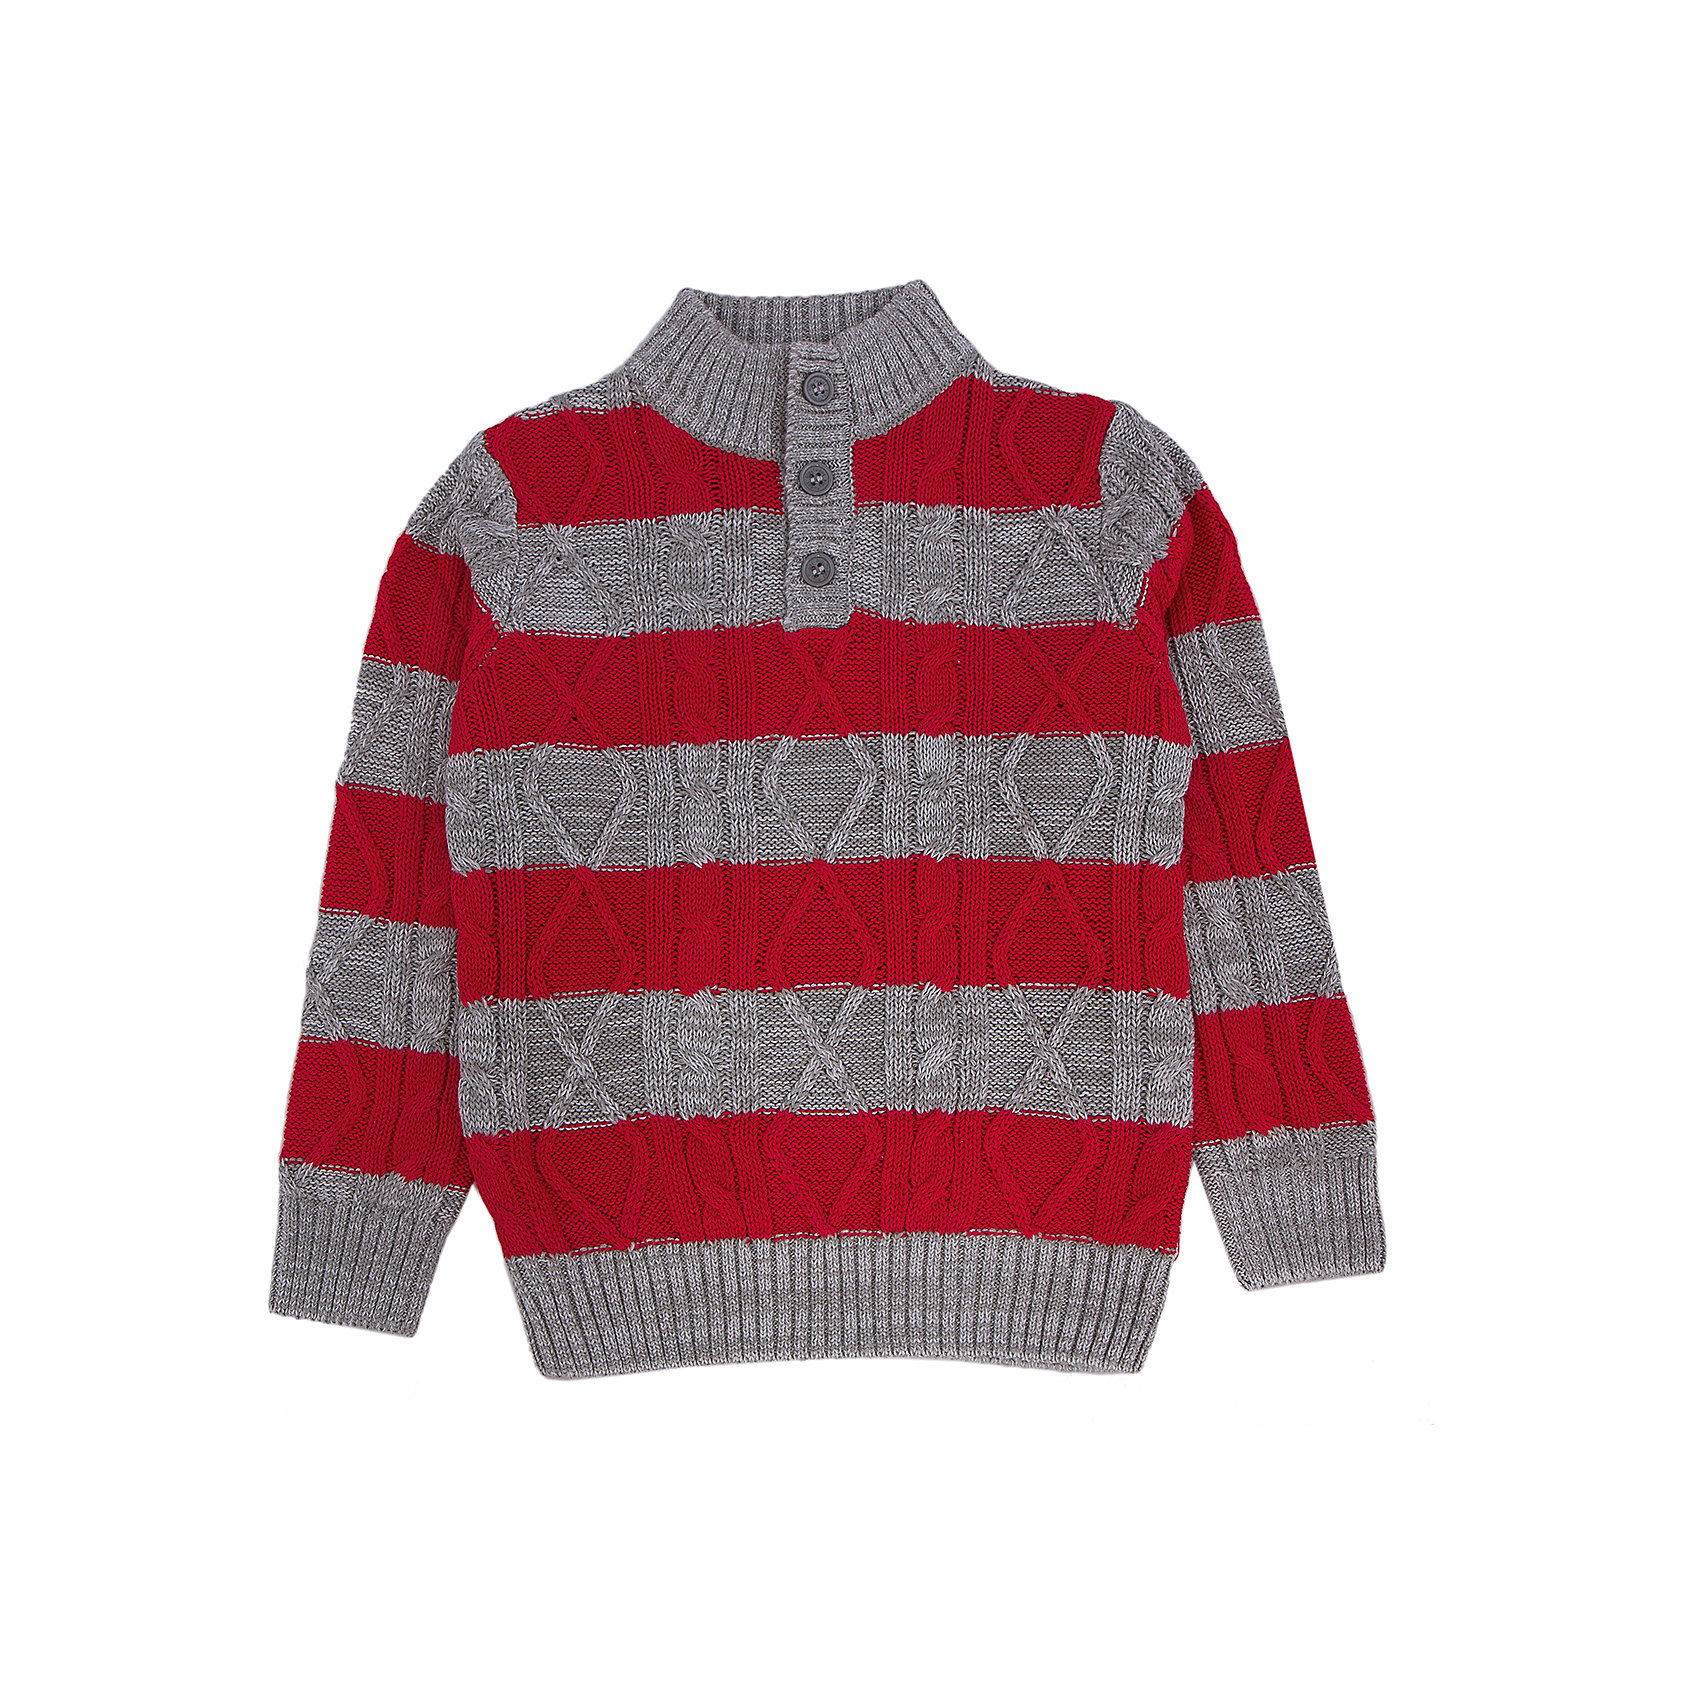 Свитер для мальчика PlayTodayСвитера и кардиганы<br>Свитер для мальчика от известного бренда PlayToday.<br>Уютный свитер с высоким воротником из мягкого вязаного трикотажа. Украшена контрастными красными полосками и фактурной вязкой. Застегивается на 3 пуговицы на воротнике. Рукава и низ на мягкой вязаной резинке.<br>Состав:<br>60% хлопок, 38% акрил, 2% эластан<br><br>Ширина мм: 190<br>Глубина мм: 74<br>Высота мм: 229<br>Вес г: 236<br>Цвет: разноцветный<br>Возраст от месяцев: 84<br>Возраст до месяцев: 96<br>Пол: Мужской<br>Возраст: Детский<br>Размер: 128,110,98,116,122,104<br>SKU: 4896894